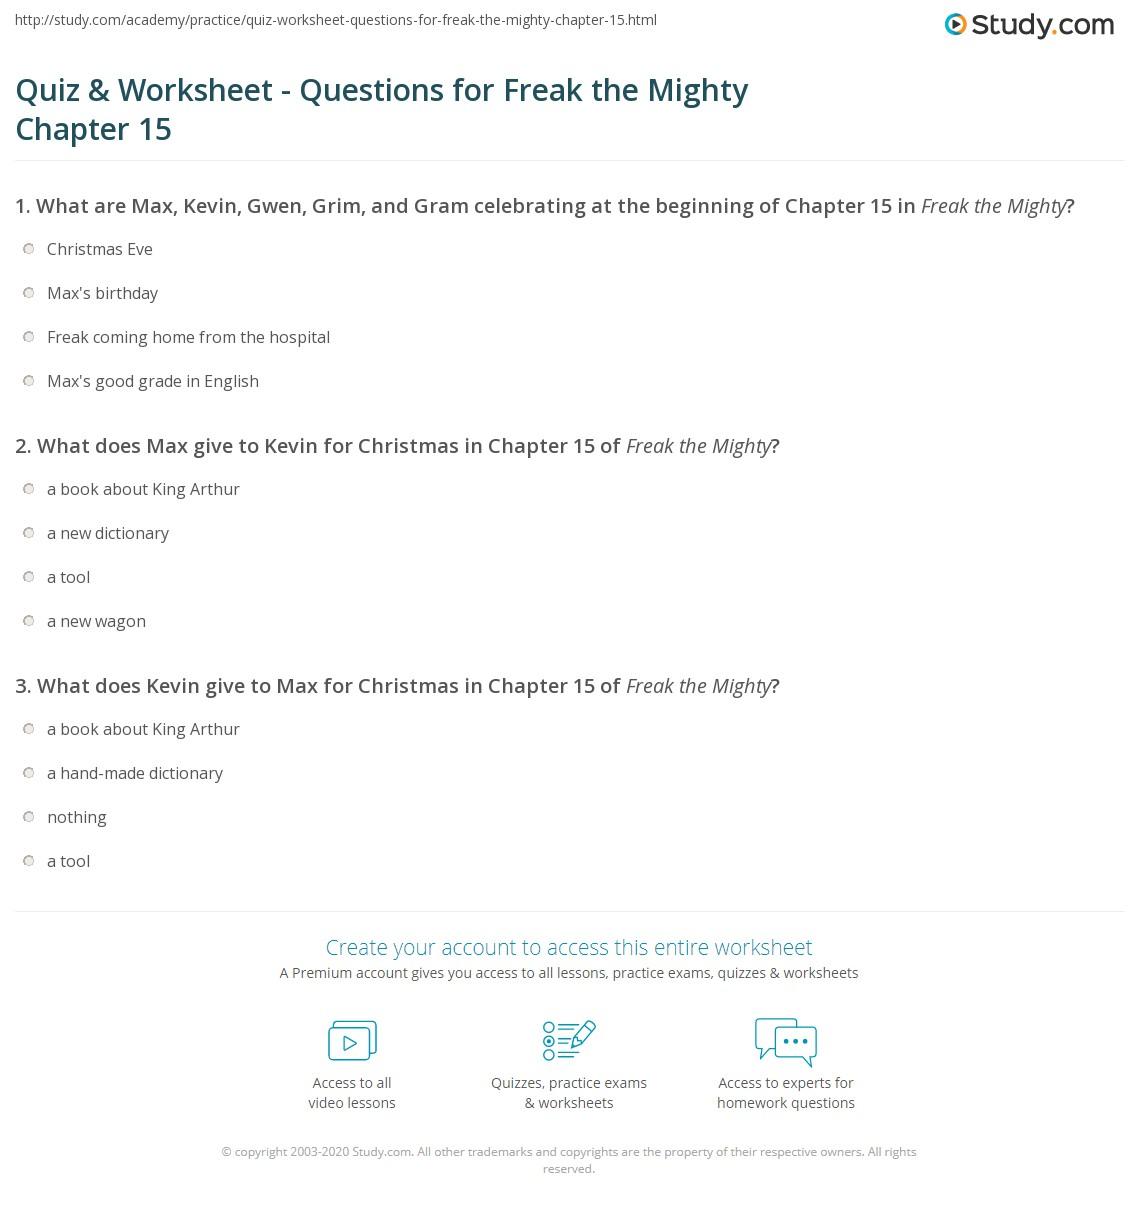 Quiz W Ksheet Questi S Fre K Mighty Ch Pter 15